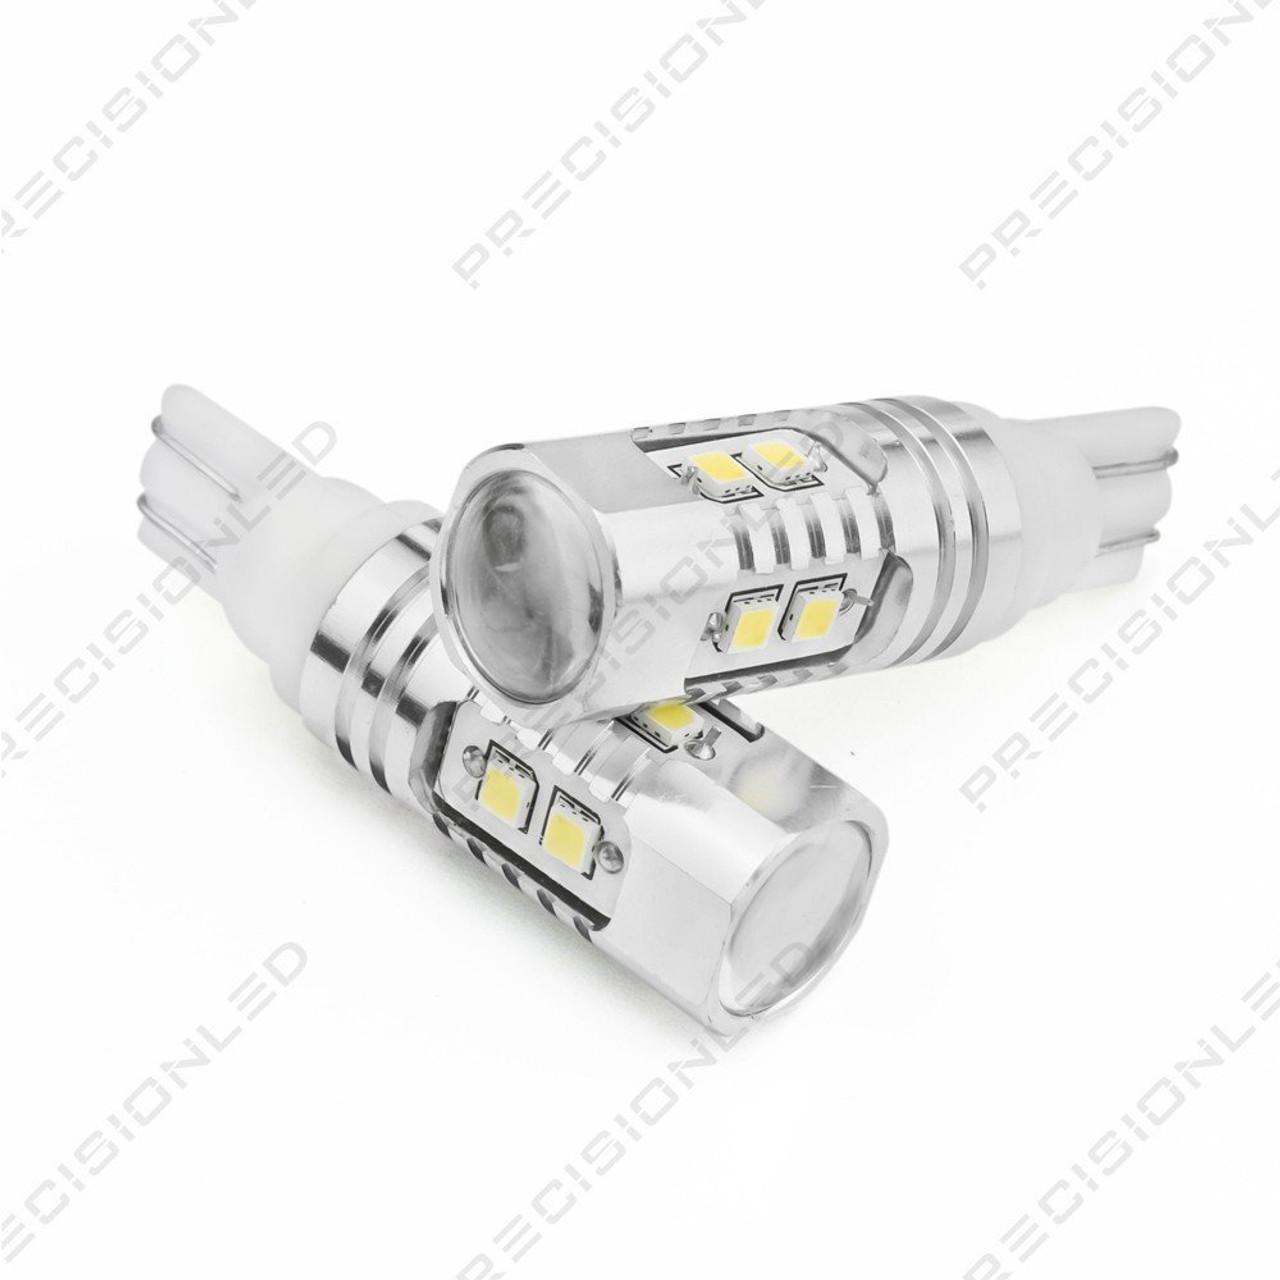 Hummer H1 Wagon LED Backup Reverse Lights (1992-2006)